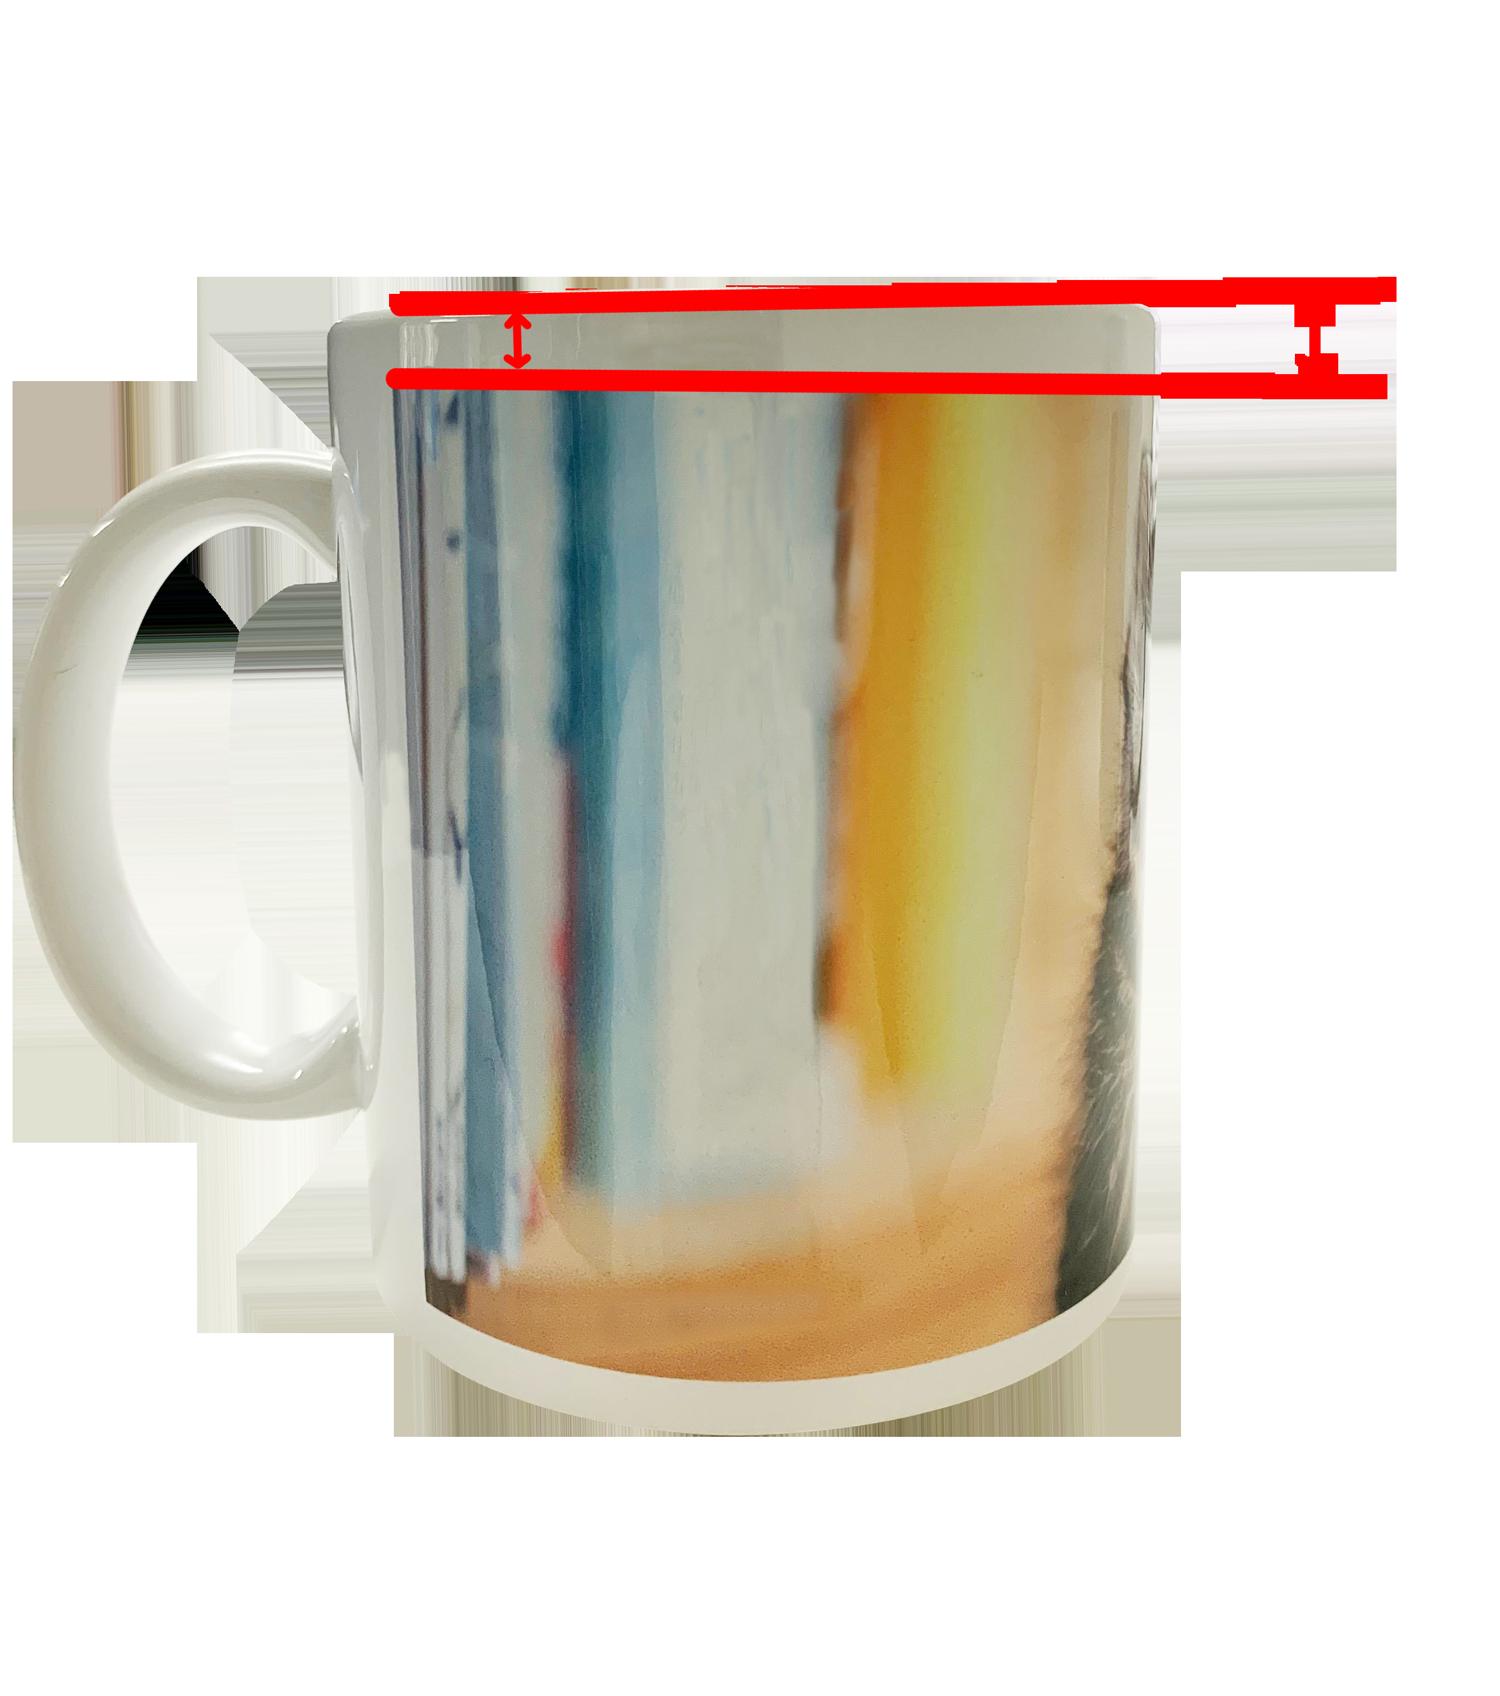 マグカップは印刷方法の特性上、画像を印刷したフィルムがプリント時に引っ張られ伸びるため、特に直線ラインデザインに傾き歪みなどが起きる場合がございます。  歪みや傾きが発生するのは、マグカップは円に見えて楕円の物が多く 画像の端と端の差がたとえ1mmであってもこのように中間地点が歪むことがあります。  ご了承のうえ、デザインをご検討ください。